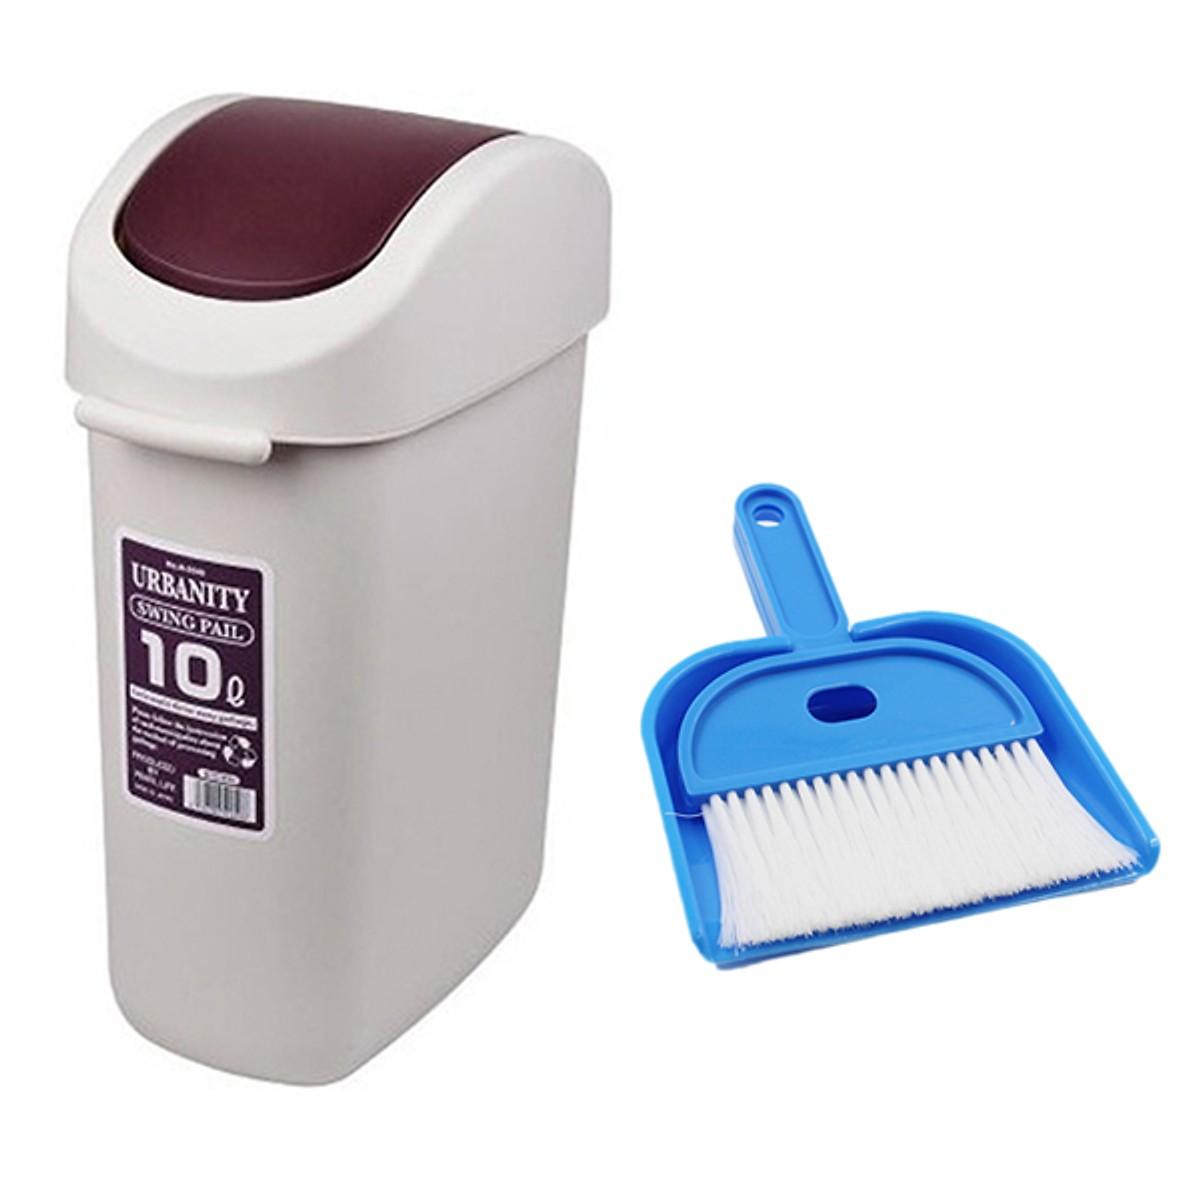 Combo vệ sinh nhà cửa: Thùng rác + bộ hót rác nhỏ gọn - Japan - 16173443 , 9627329900746 , 62_22560458 , 1350000 , Combo-ve-sinh-nha-cua-Thung-rac-bo-hot-rac-nho-gon-Japan-62_22560458 , tiki.vn , Combo vệ sinh nhà cửa: Thùng rác + bộ hót rác nhỏ gọn - Japan